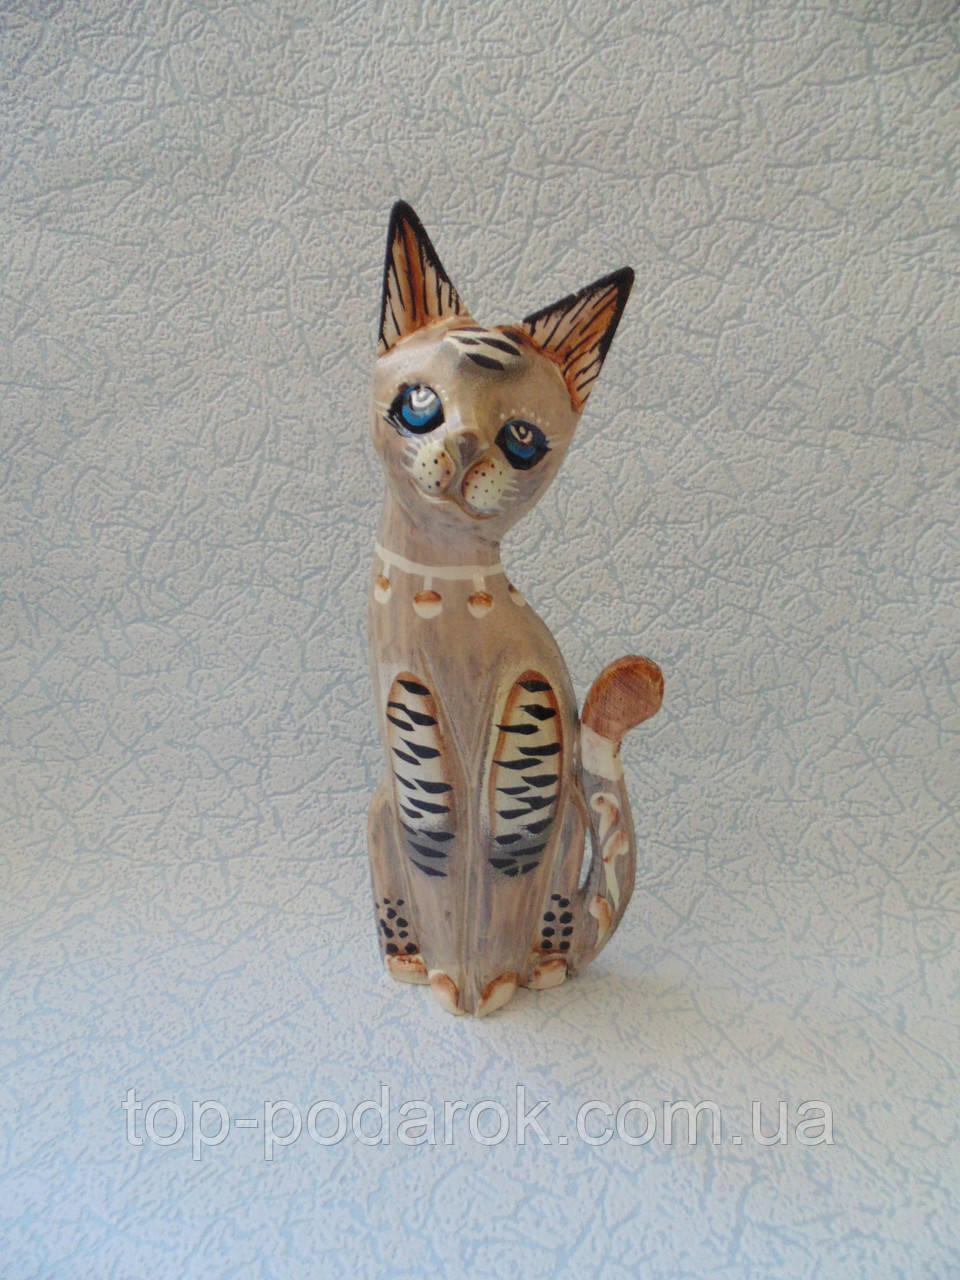 Статуэтка кошка деревянная высота 25 см